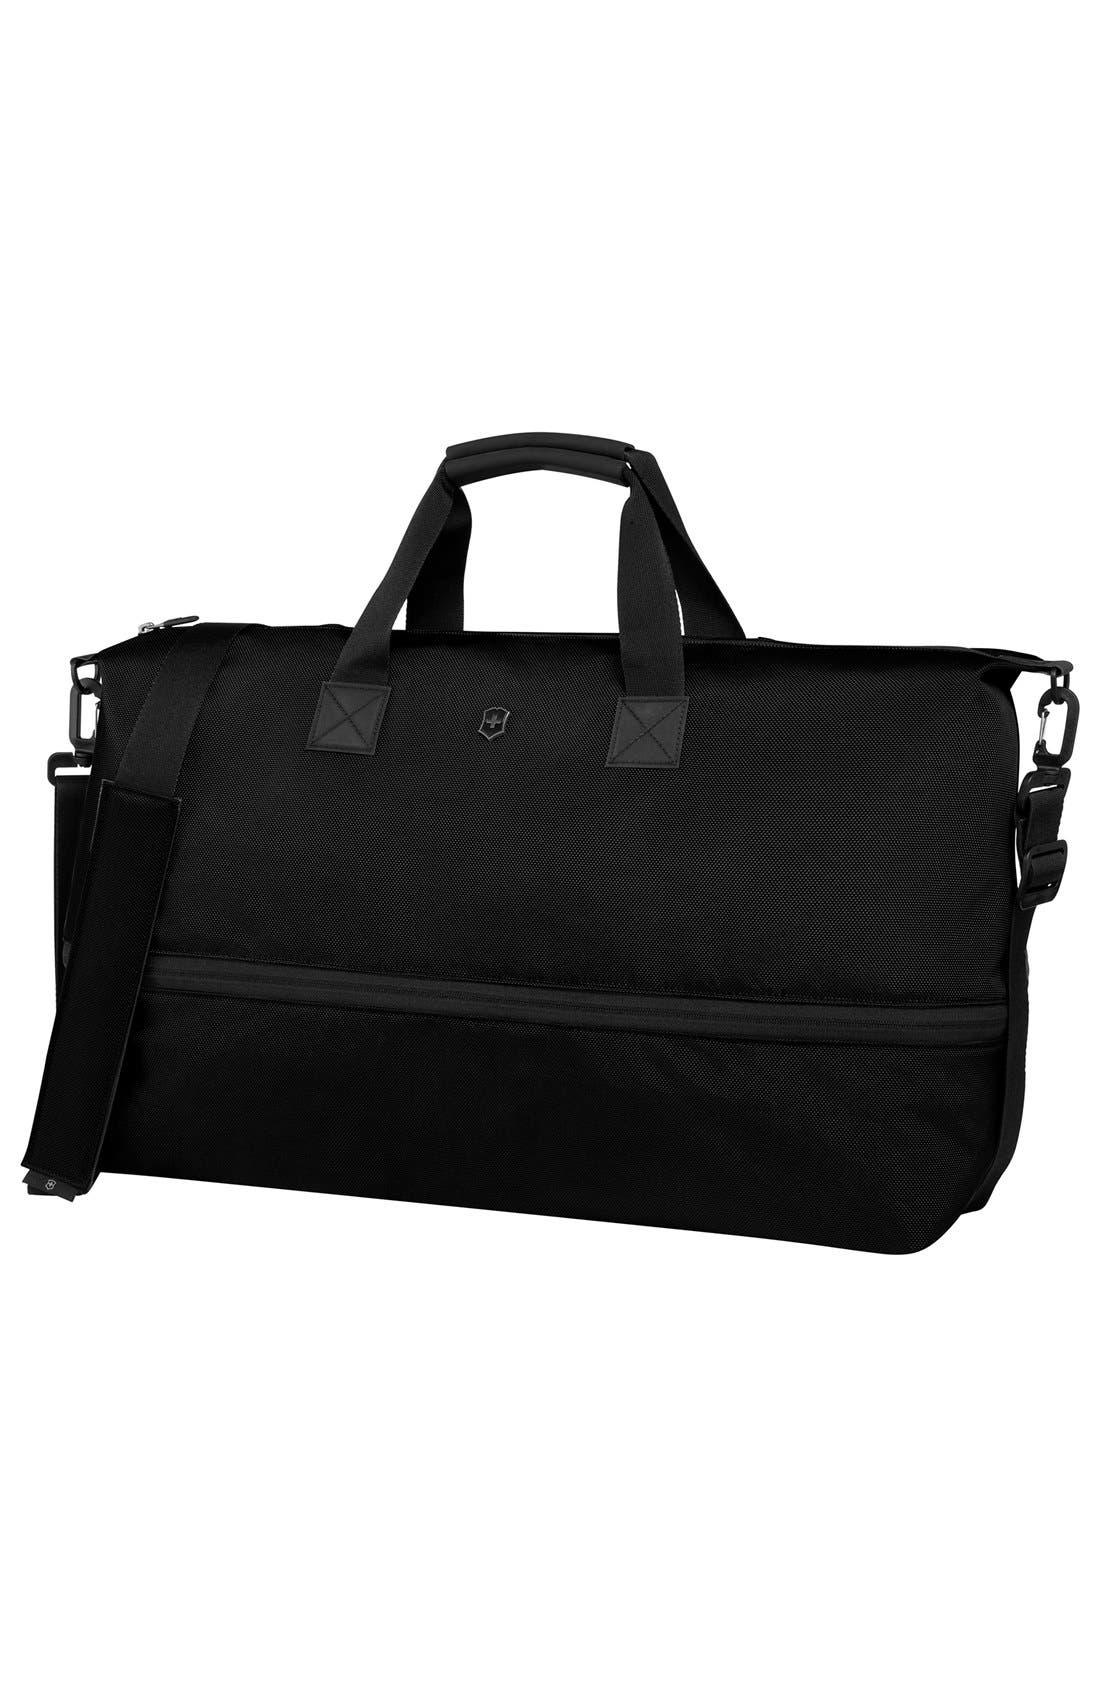 XL Duffel Bag,                         Main,                         color, BLACK